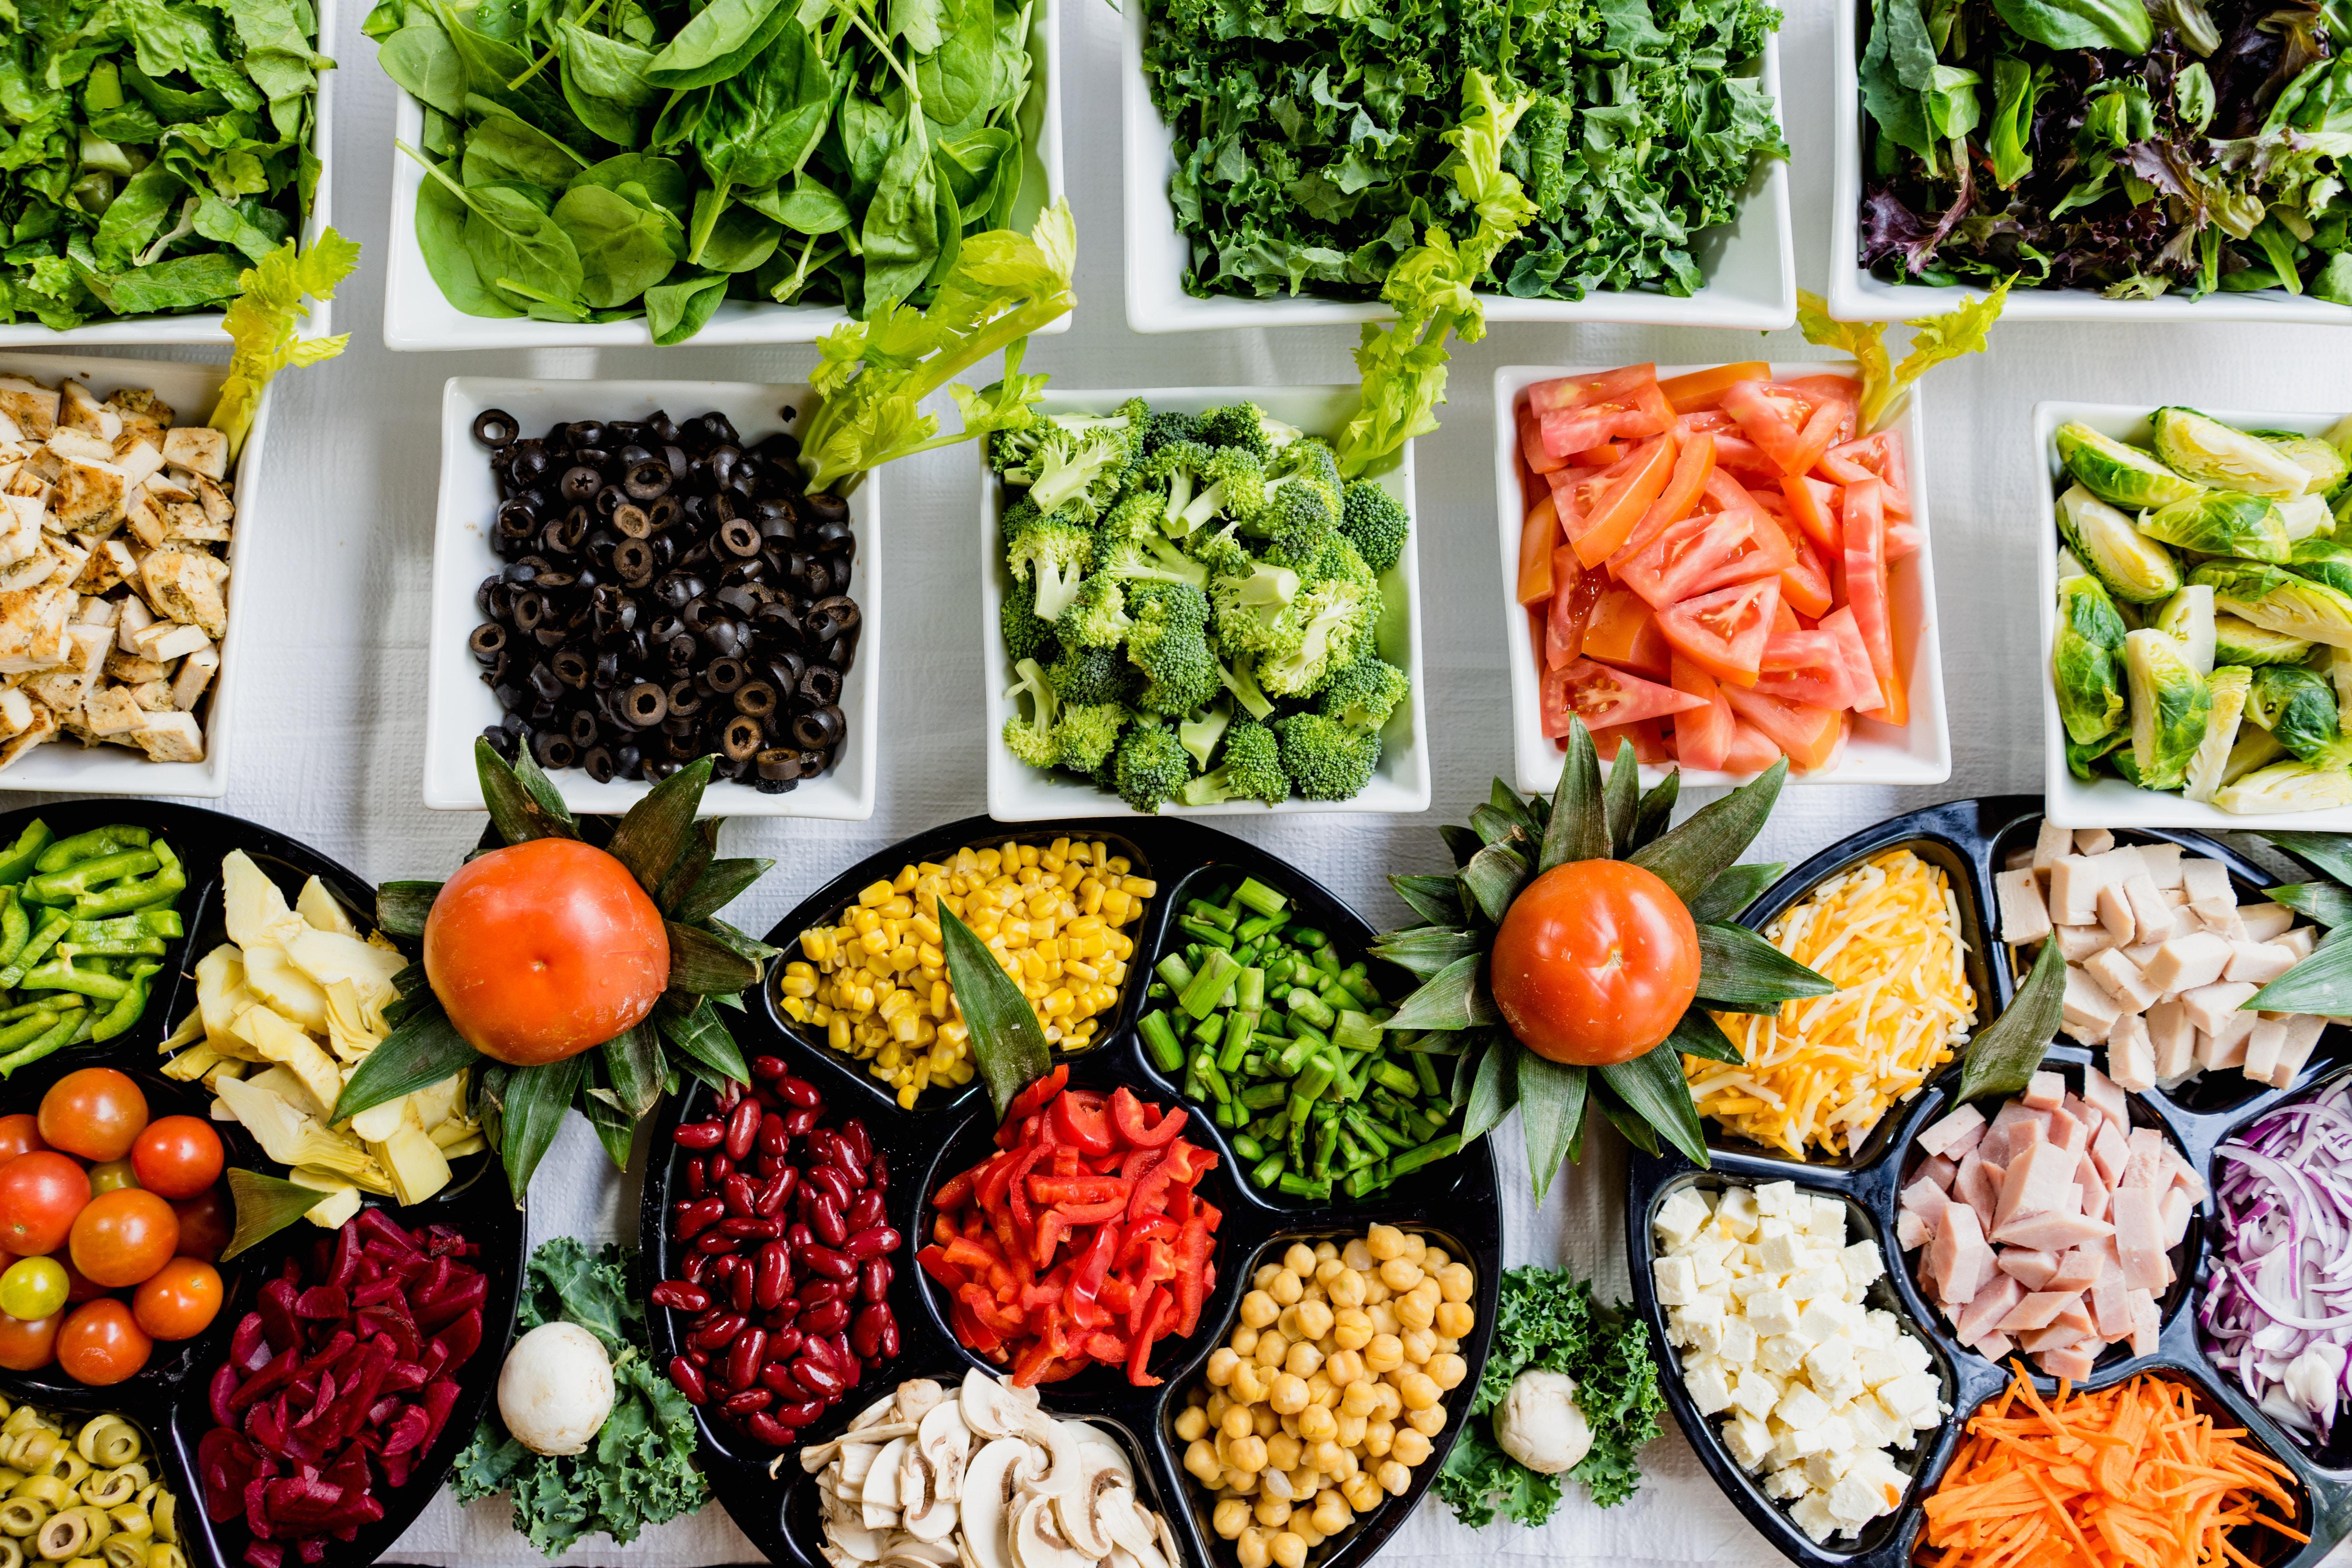 Les meilleures id es de recettes de salades pour l t a vogel - Recette fraiche pour l ete ...